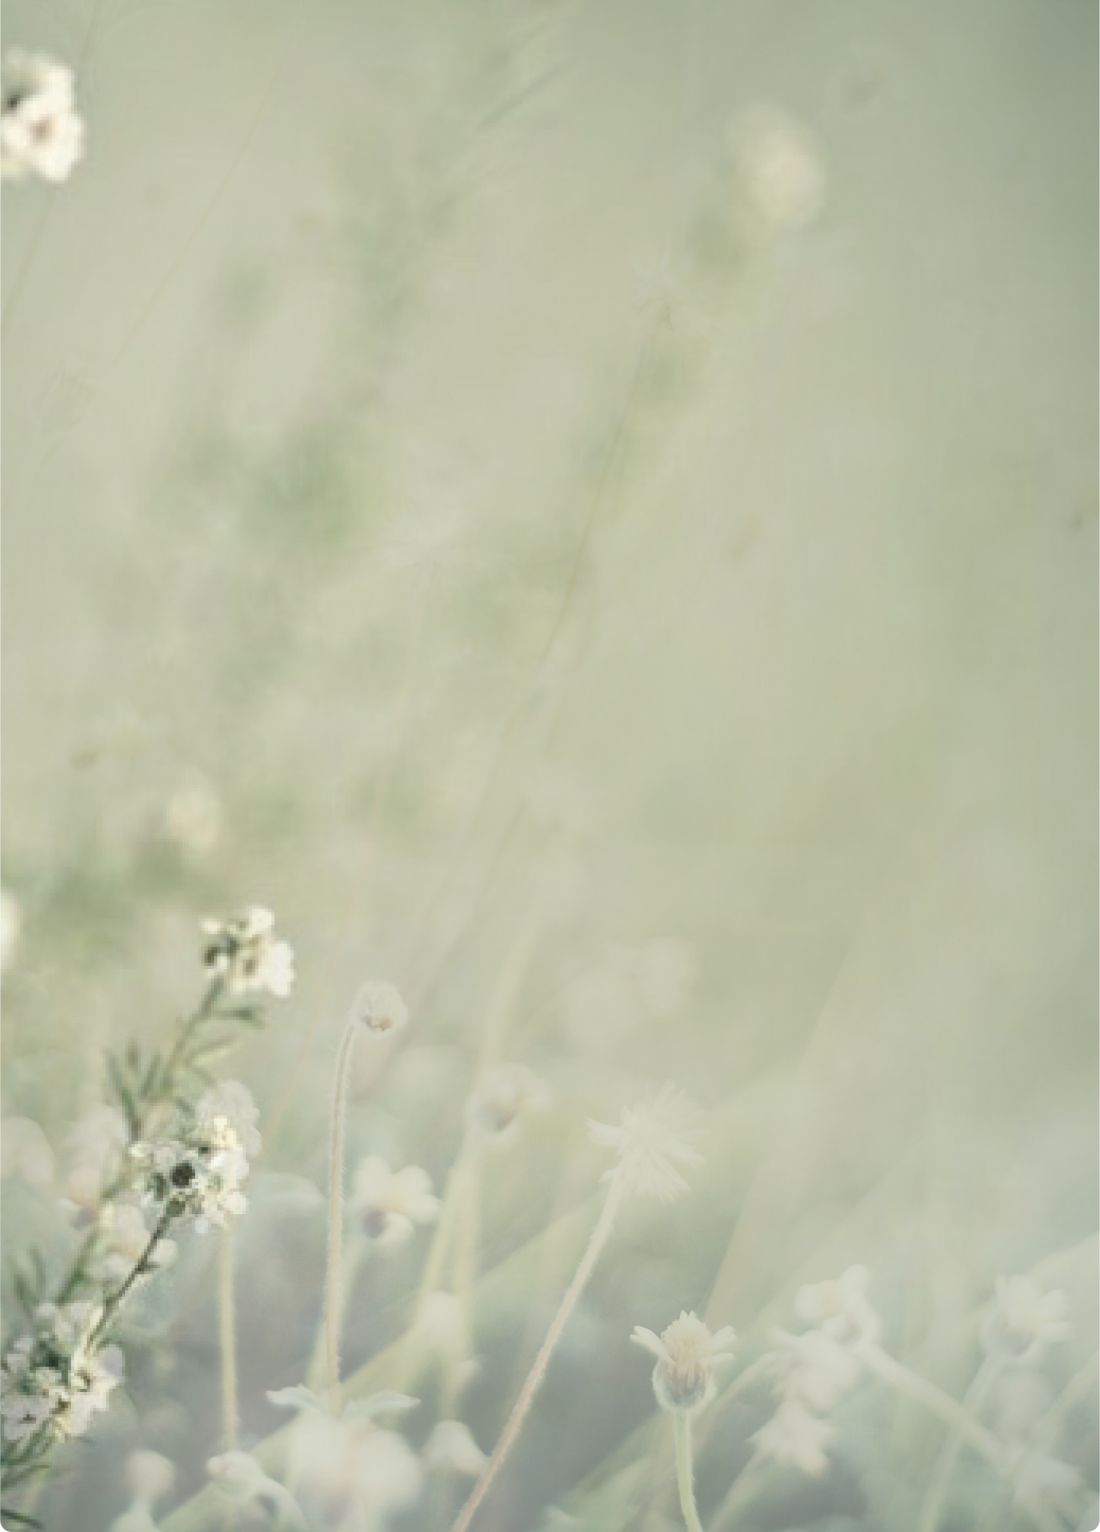 Spa Image-01-01 c1jeio